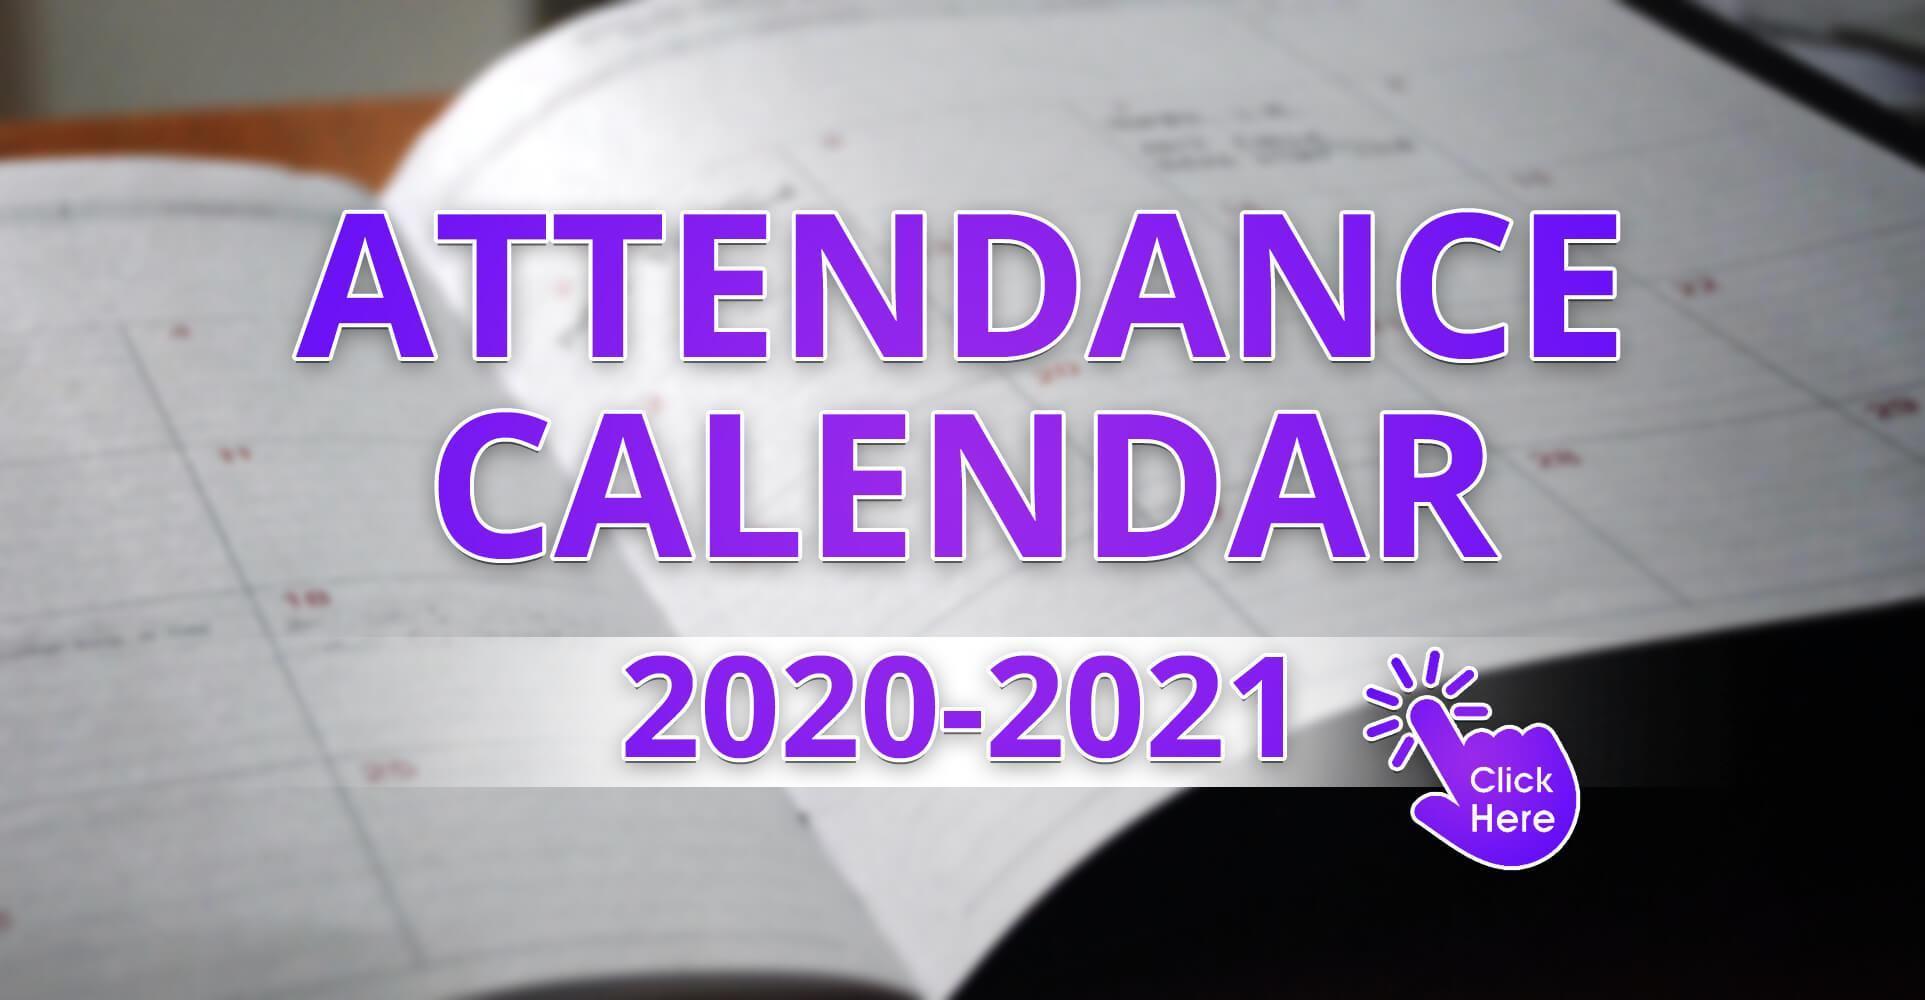 Attendance Calendar (2020-2021)